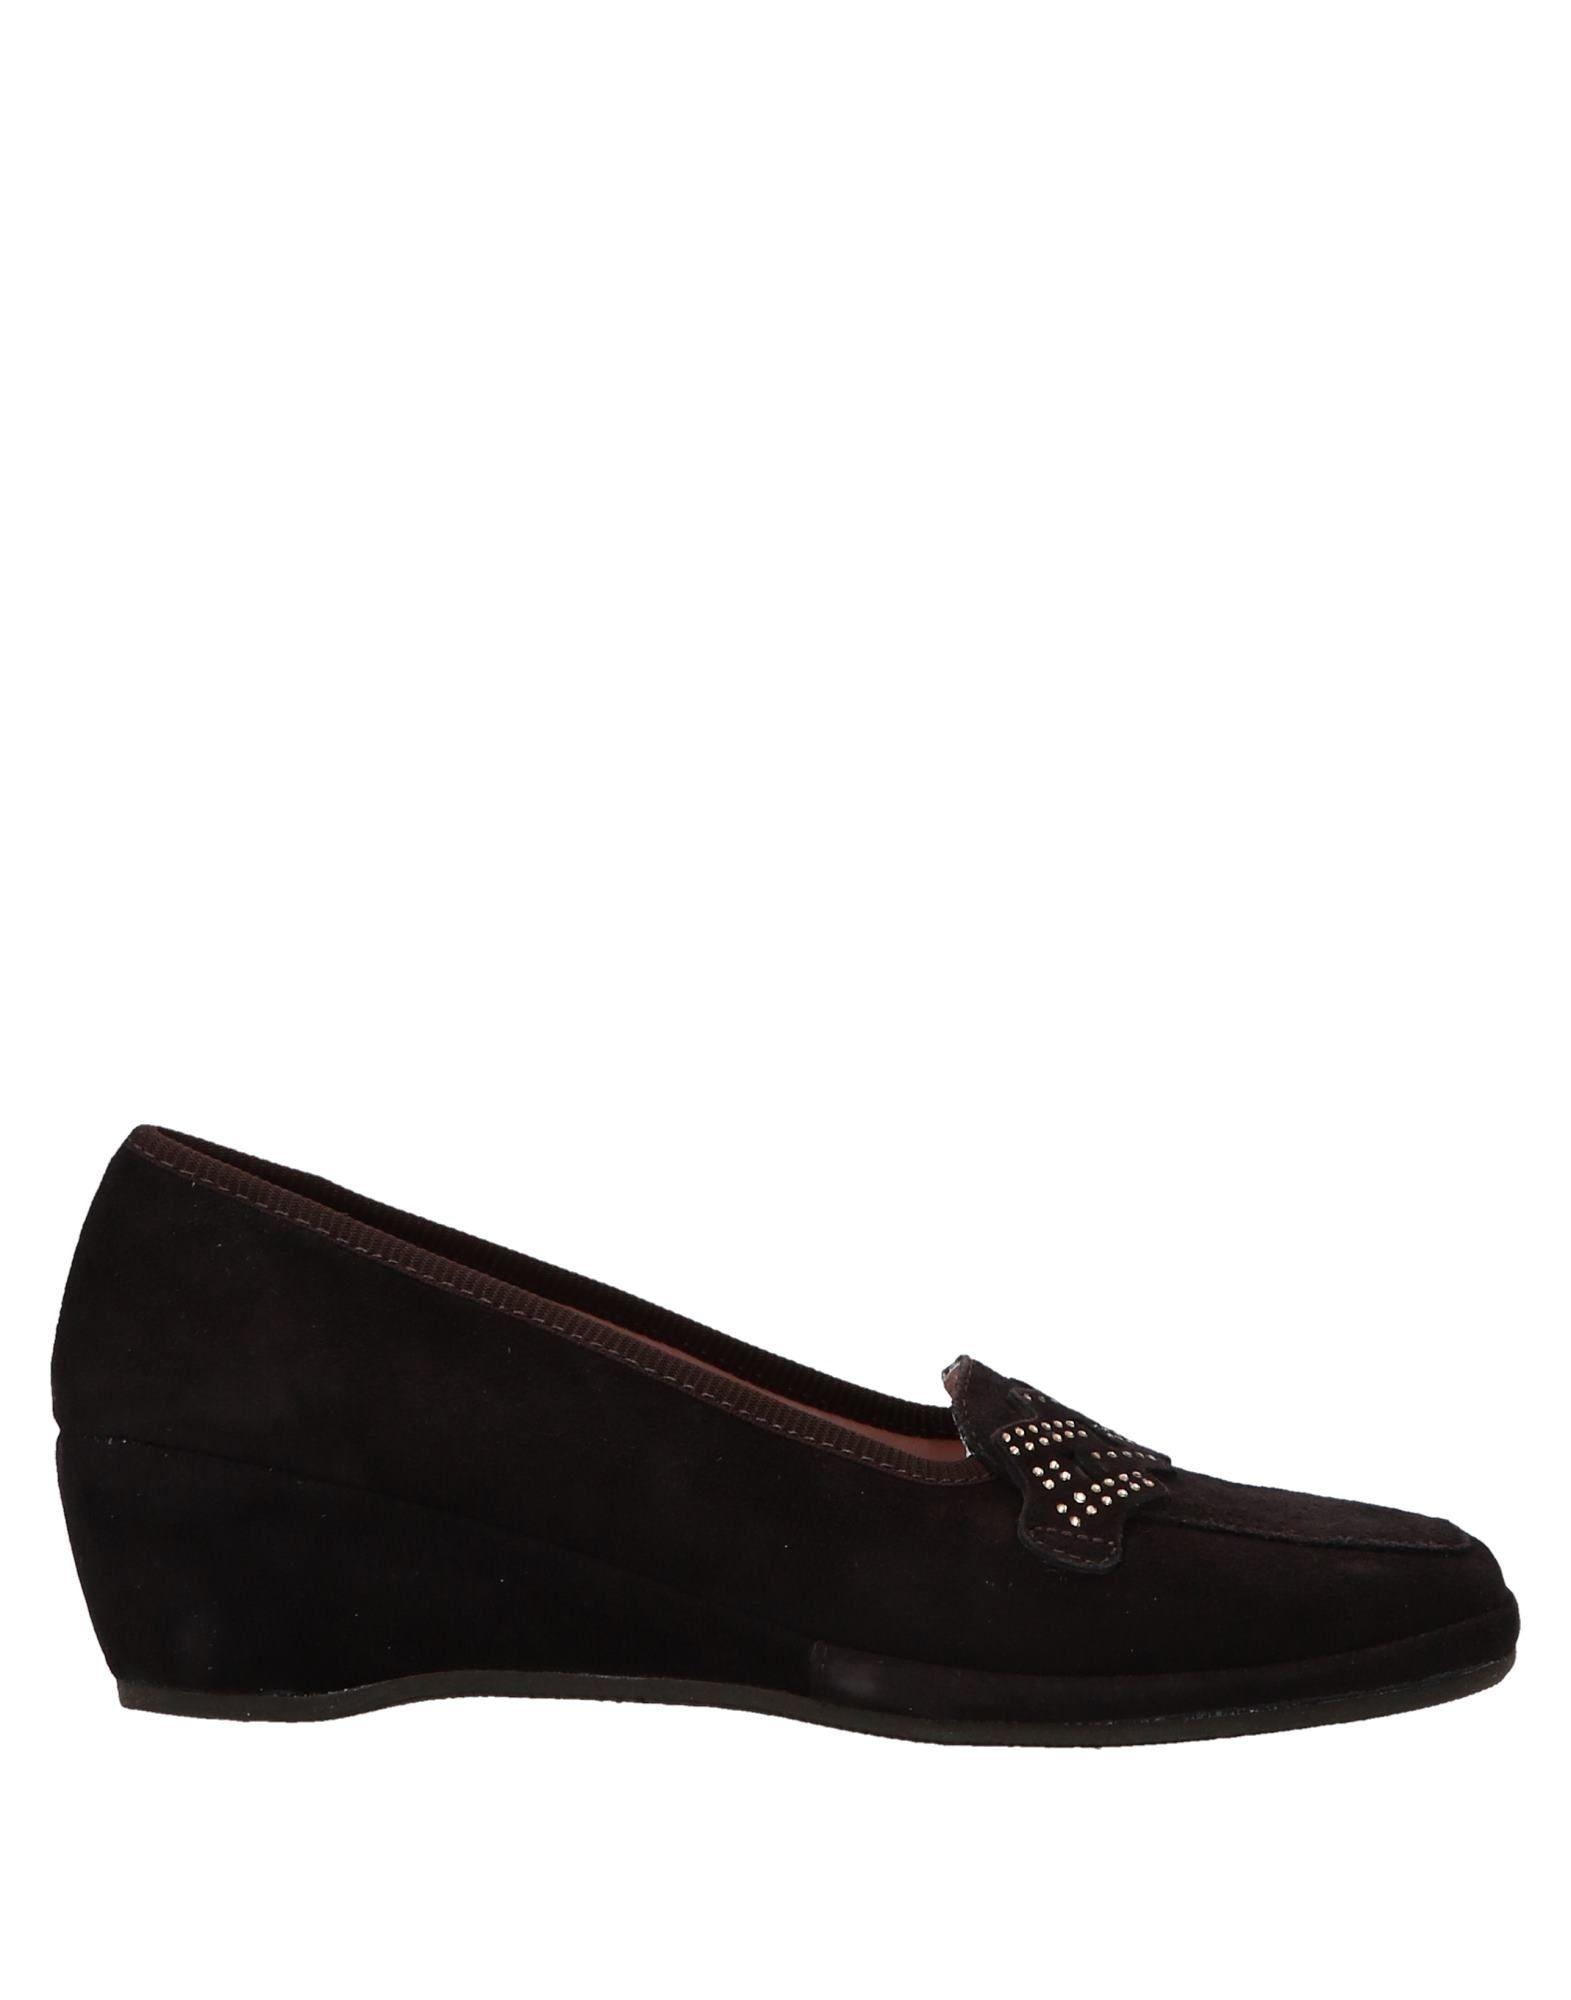 Susimoda Mokassins Damen  11088575LA 11088575LA 11088575LA Gute Qualität beliebte Schuhe 0f9ed2